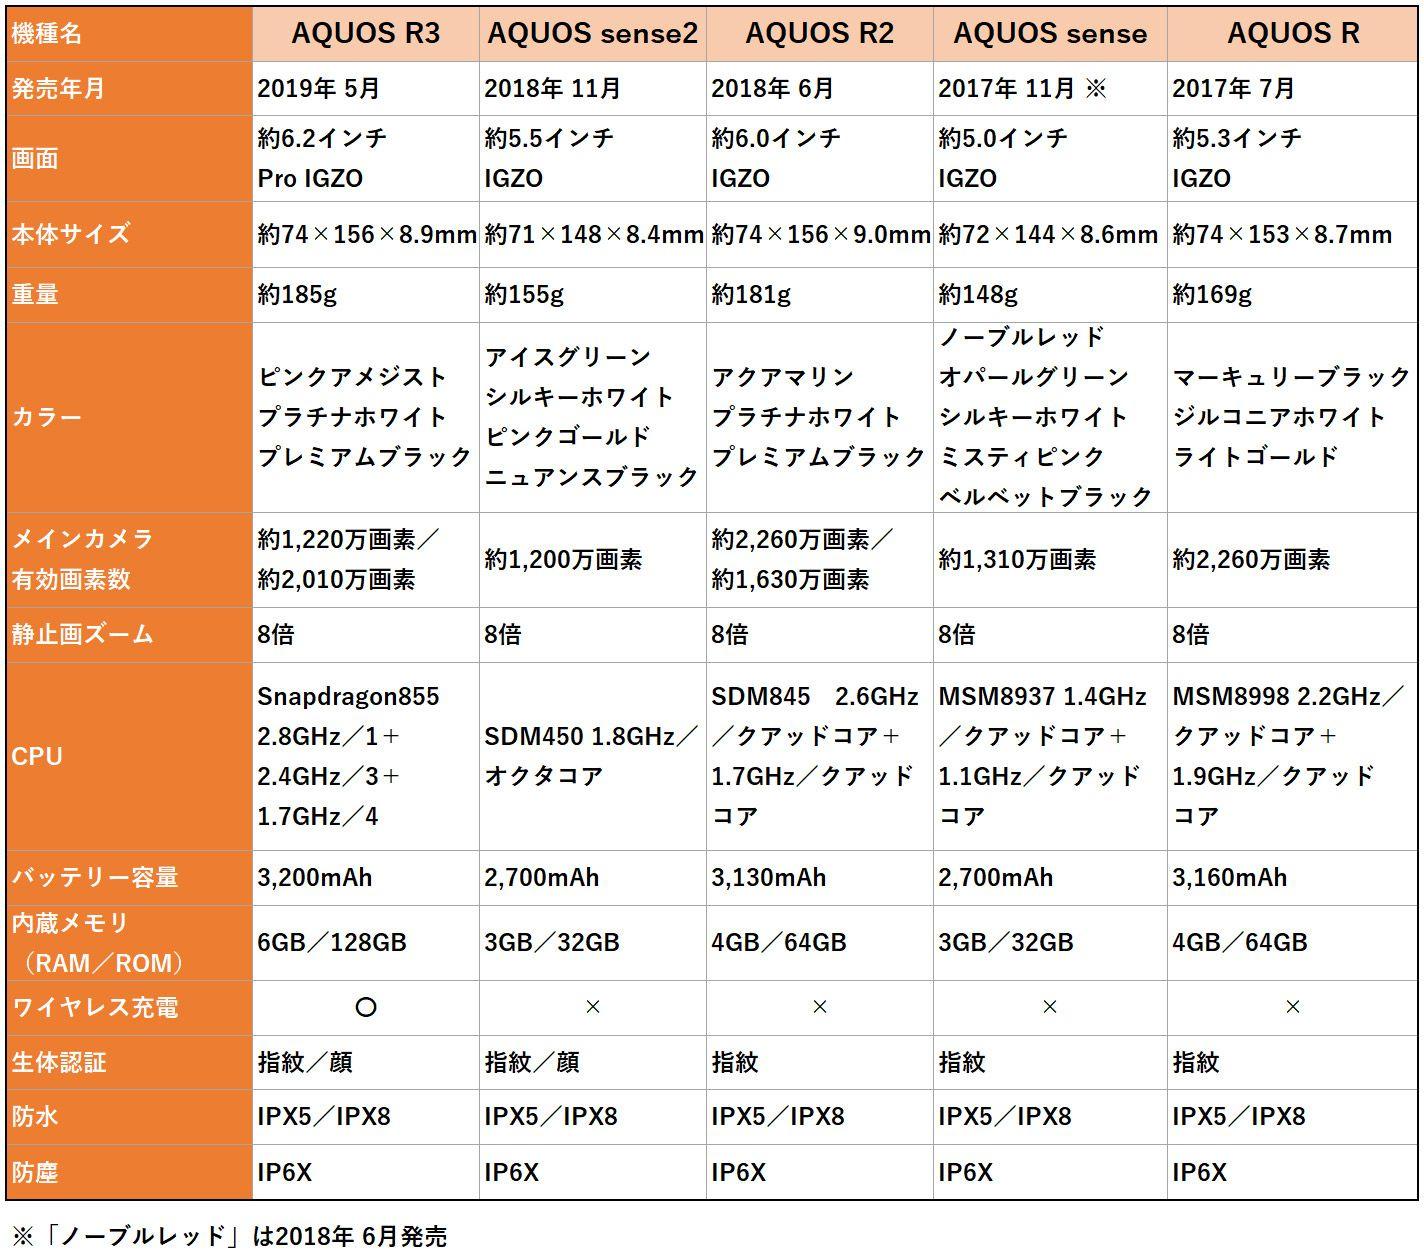 AQUOS R3、sense2、R2、sense、Rのスペック比較表